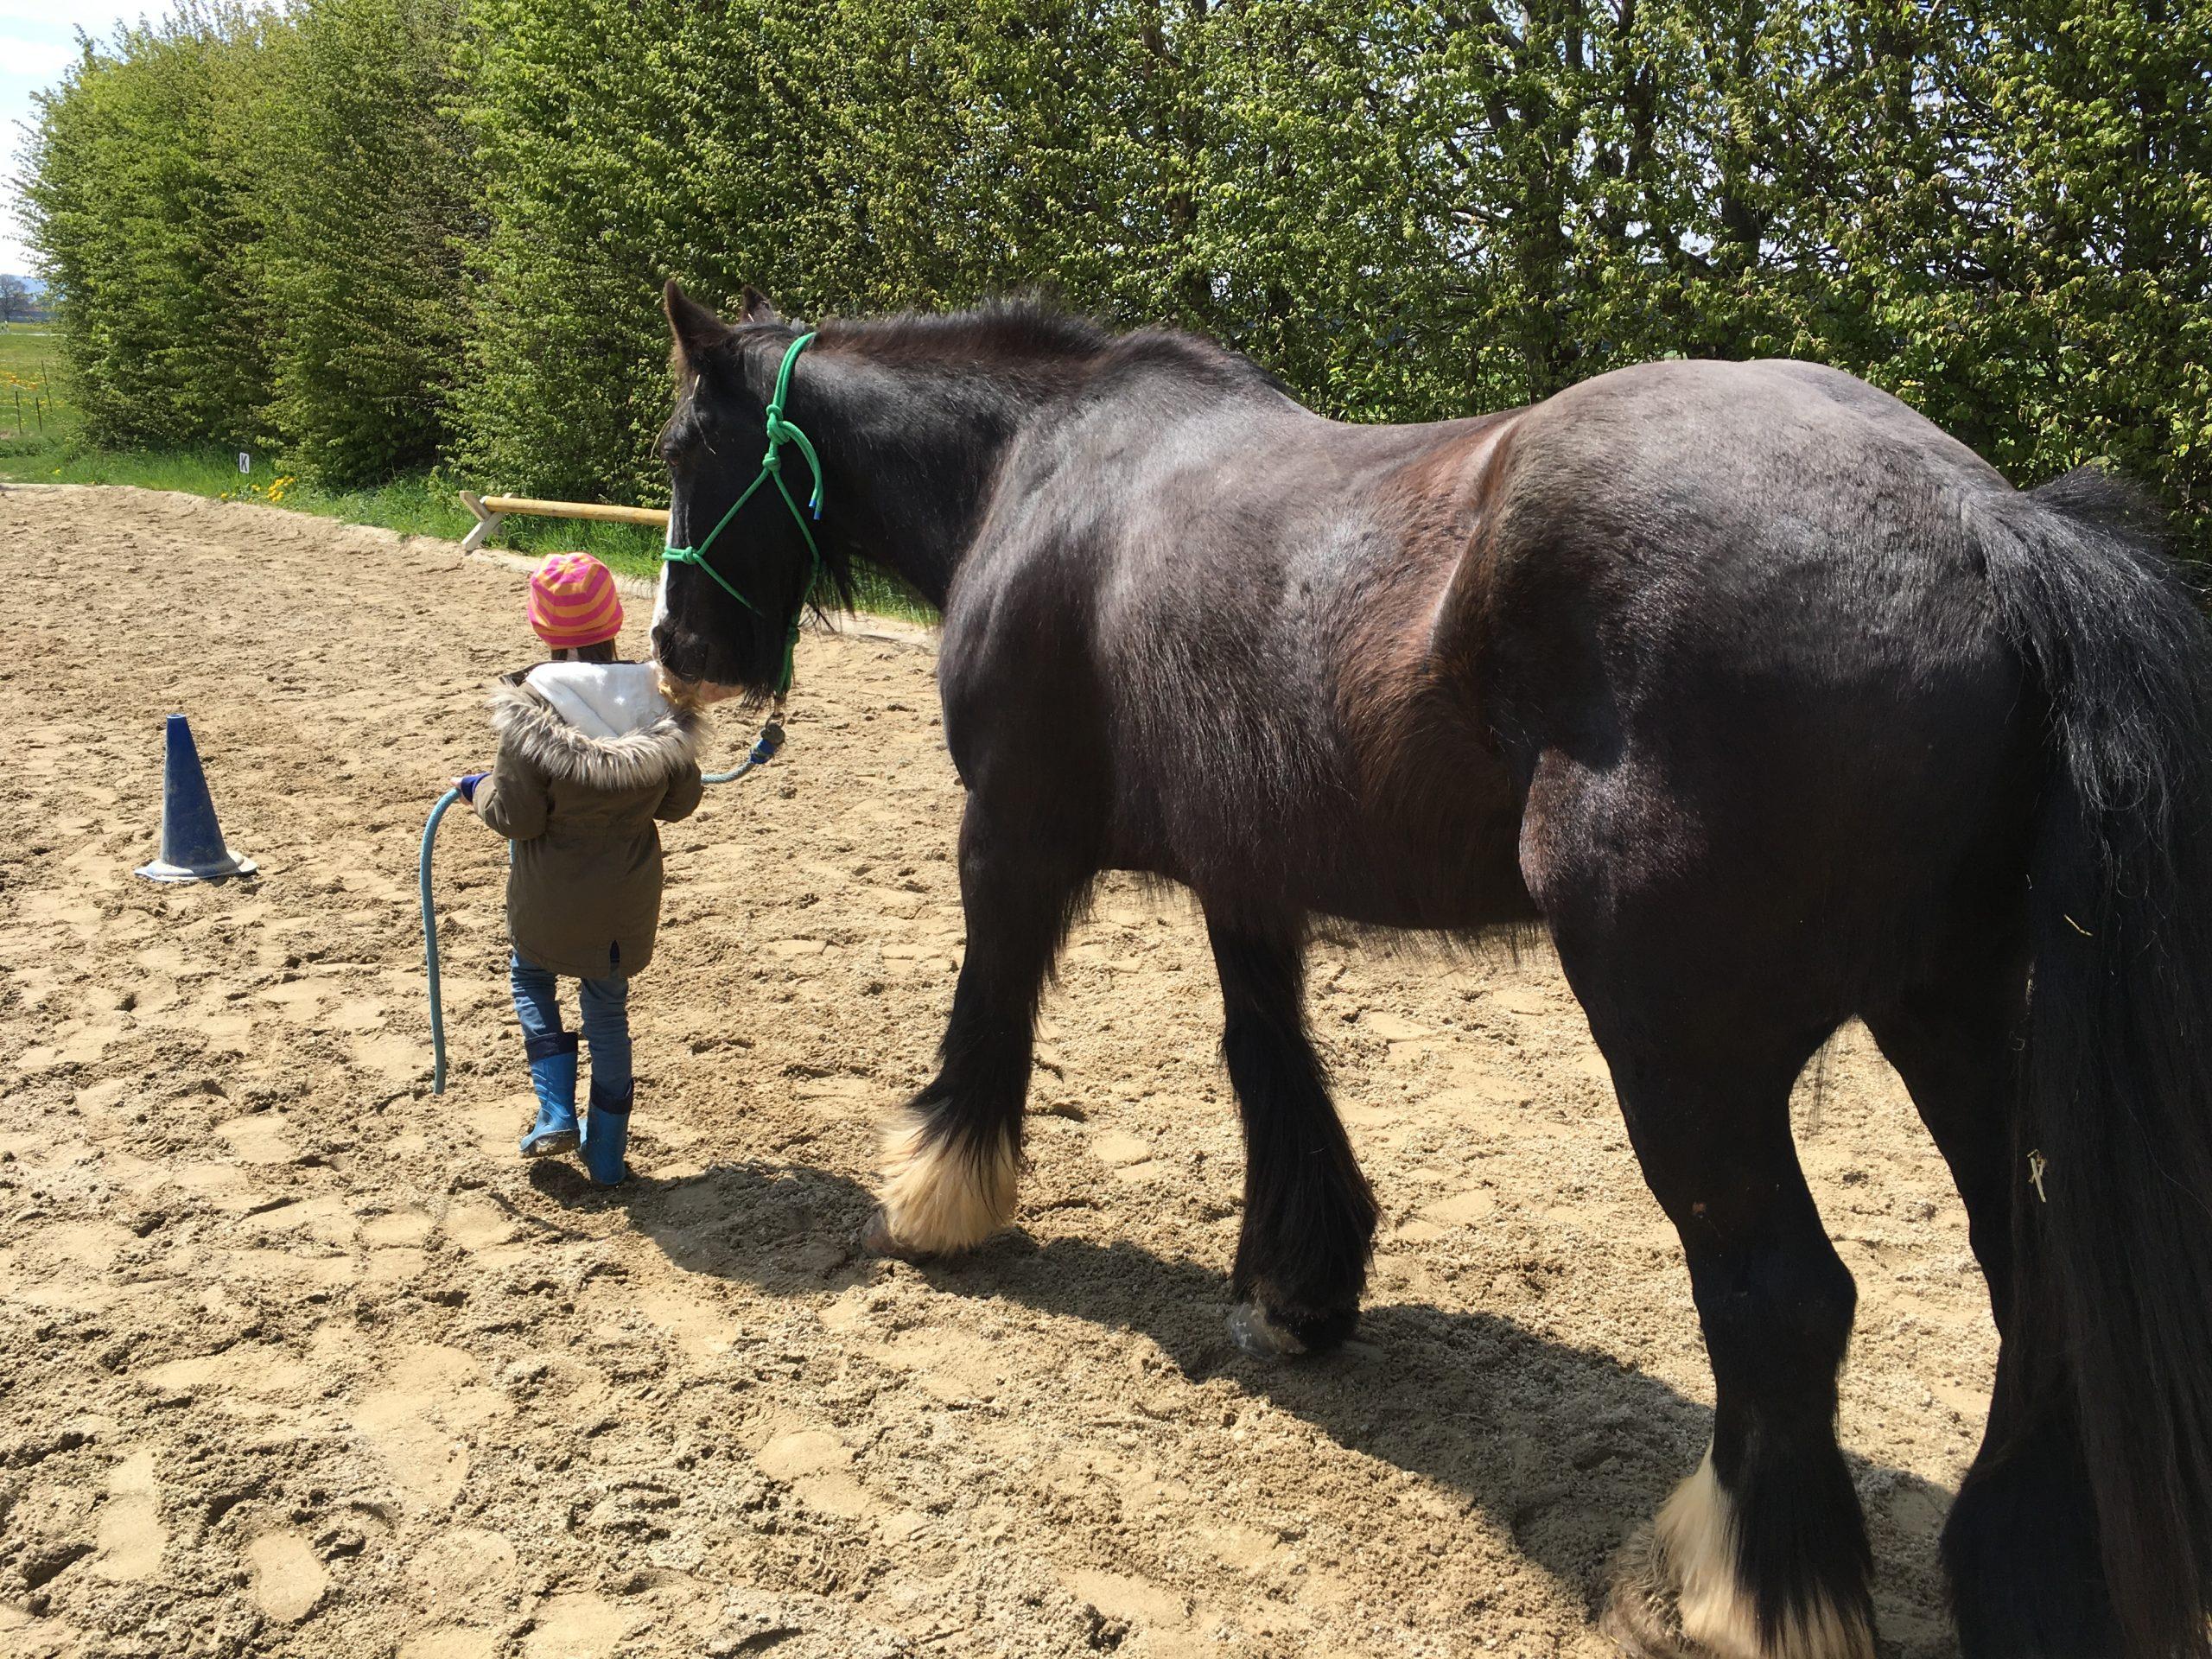 Mädchen führt großes schwarzes Pferd